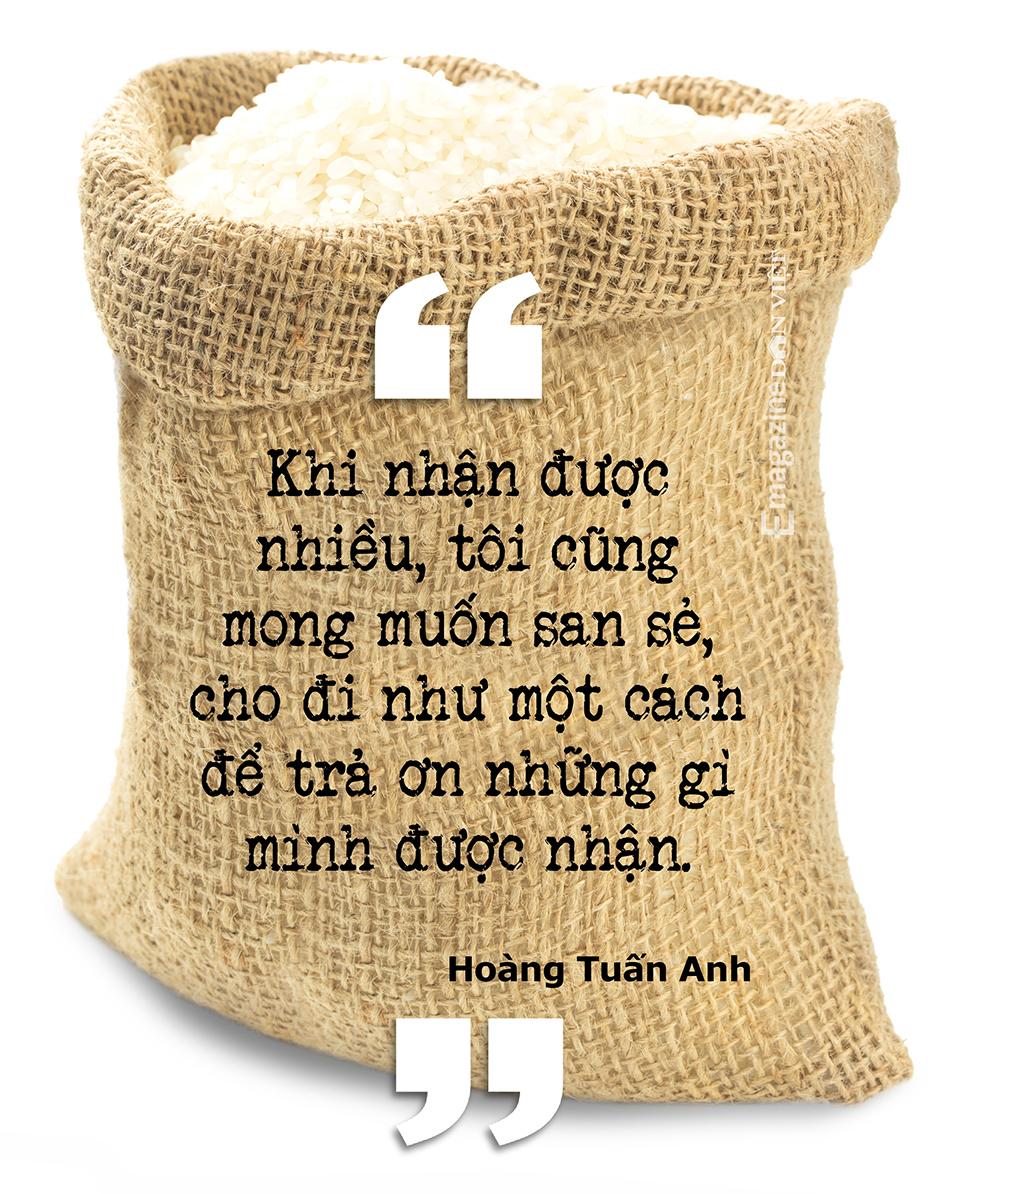 Cha đẻ ATM gạo Hoàng Tuấn Anh: TP.HCM giãn cách thì đóng bao 5kg gạo giao từng khu phong toả, xóm trọ… - Ảnh 4.